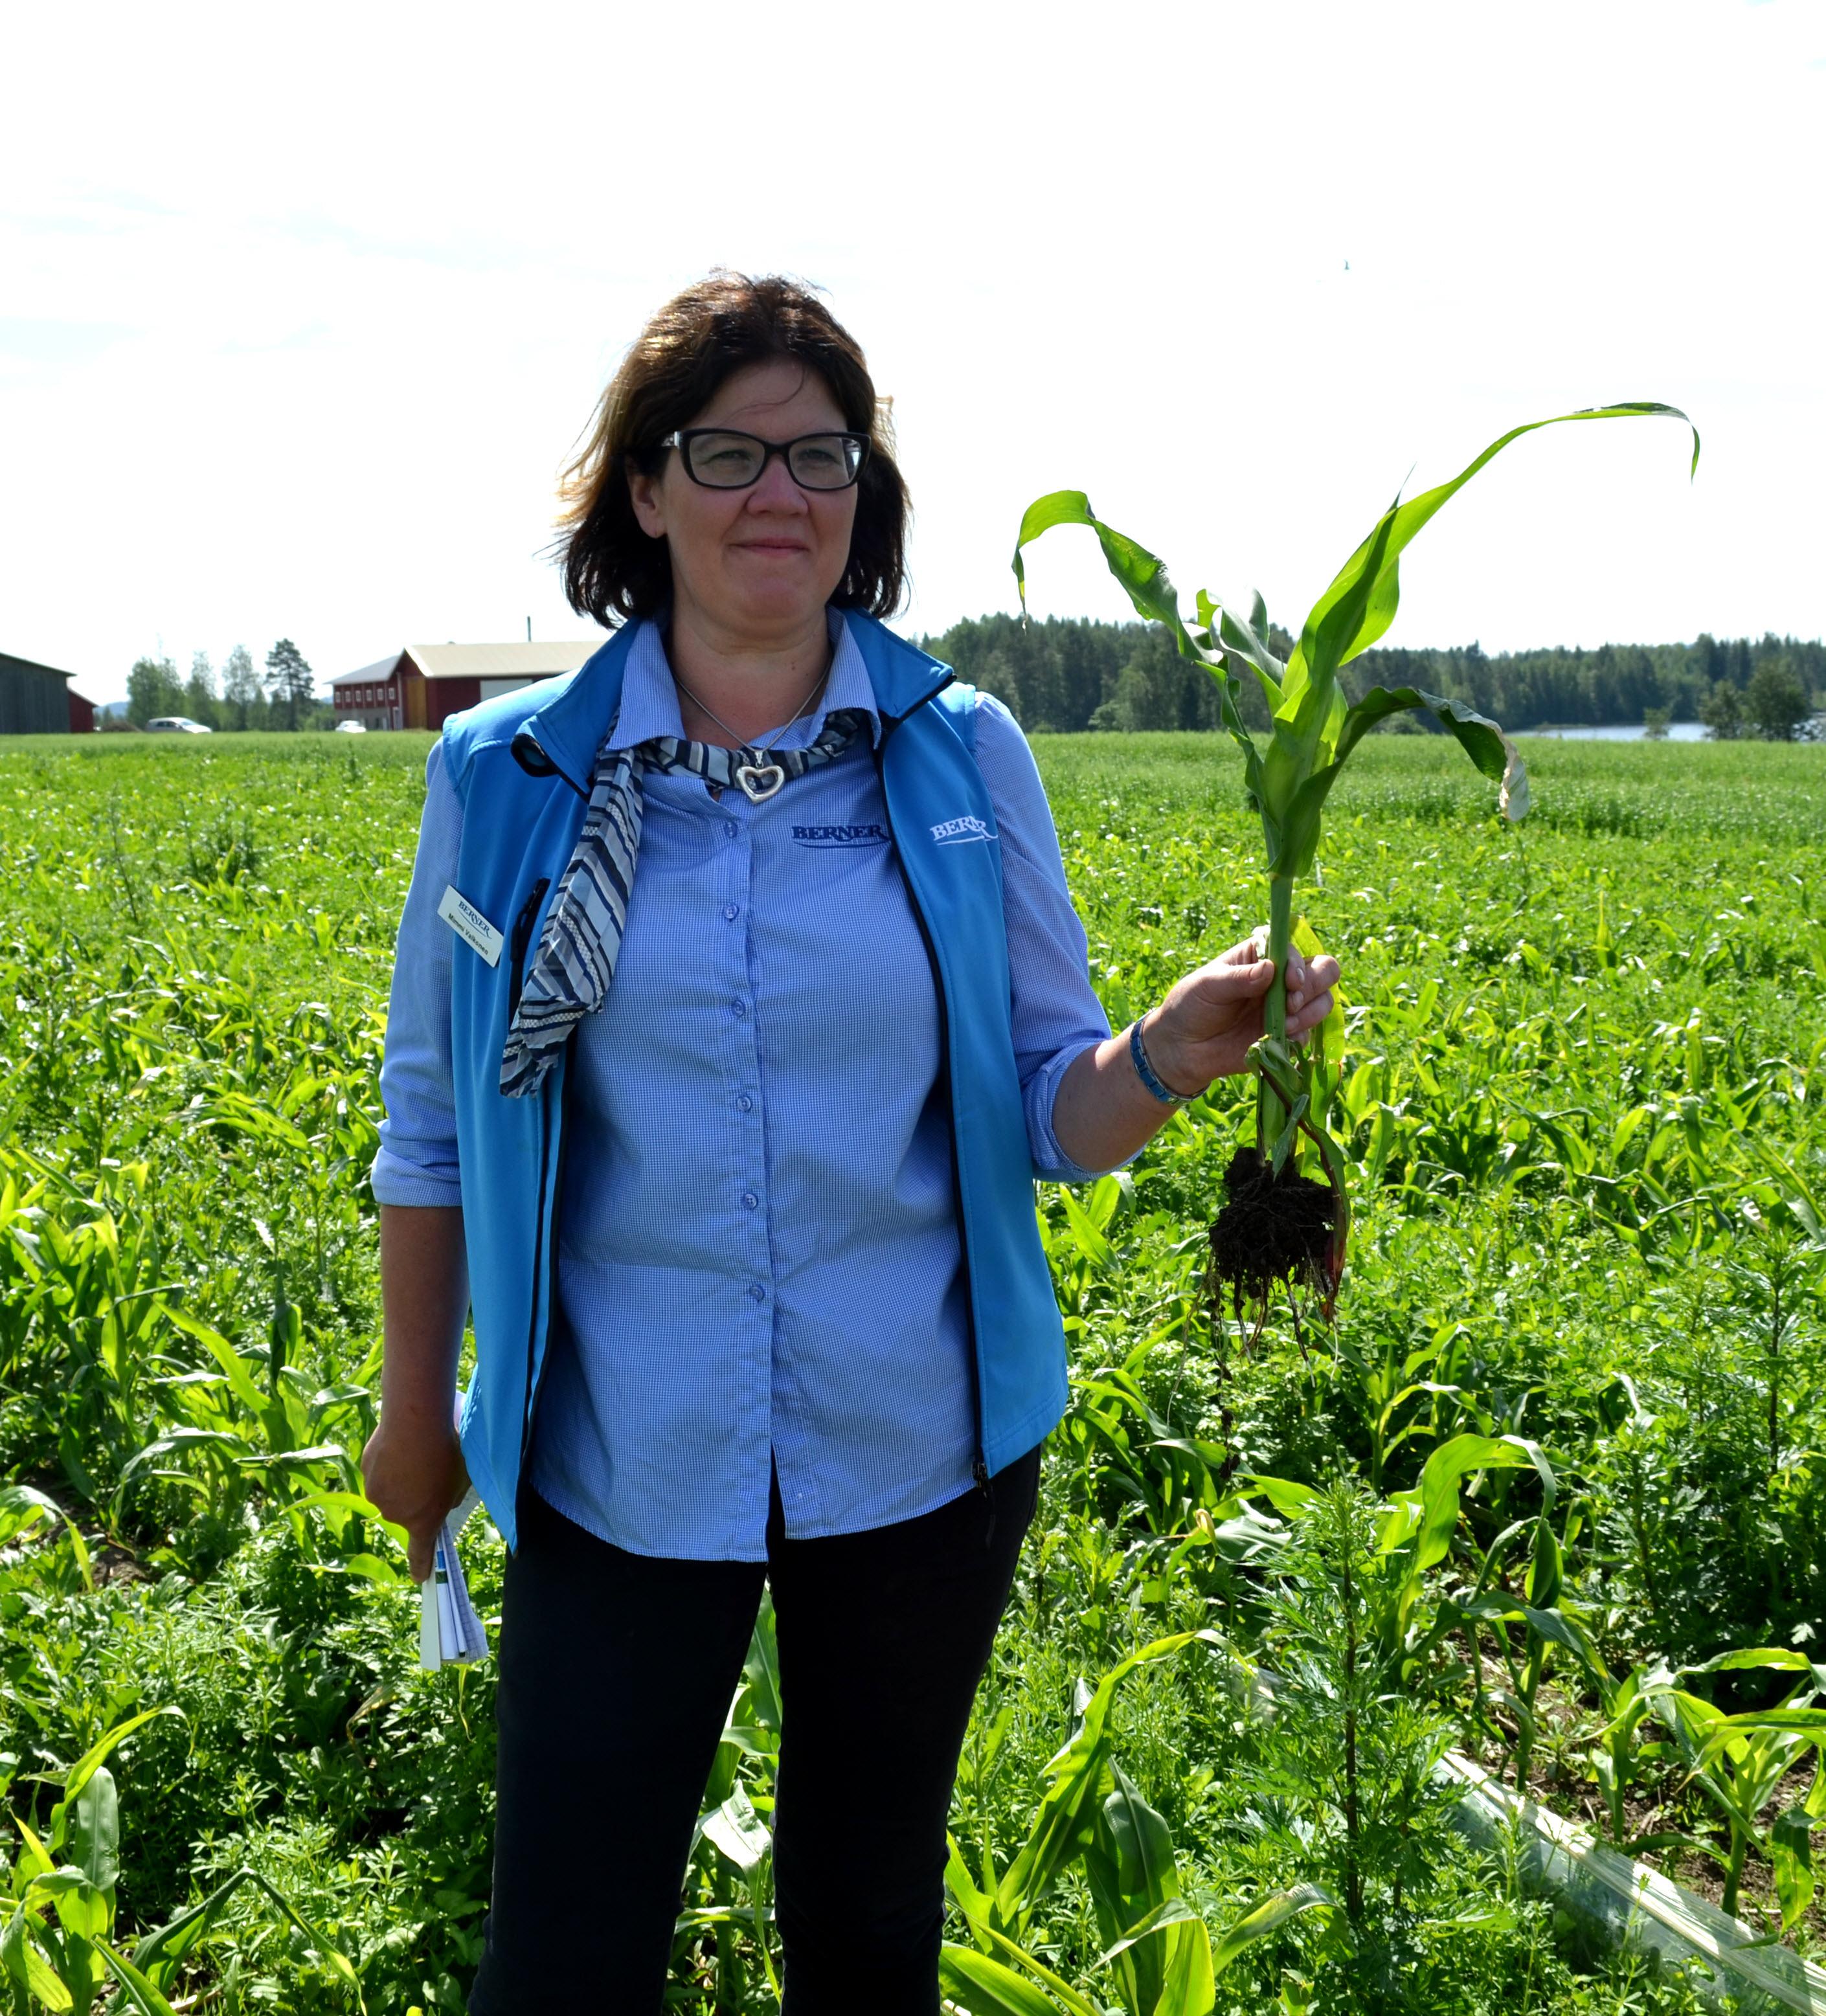 Viljelijän Bernerin Mimmi Valkonen on innoissaan viljelijöiden kiinnostuksesta kokeilemaan maissia ja öljykasveja.